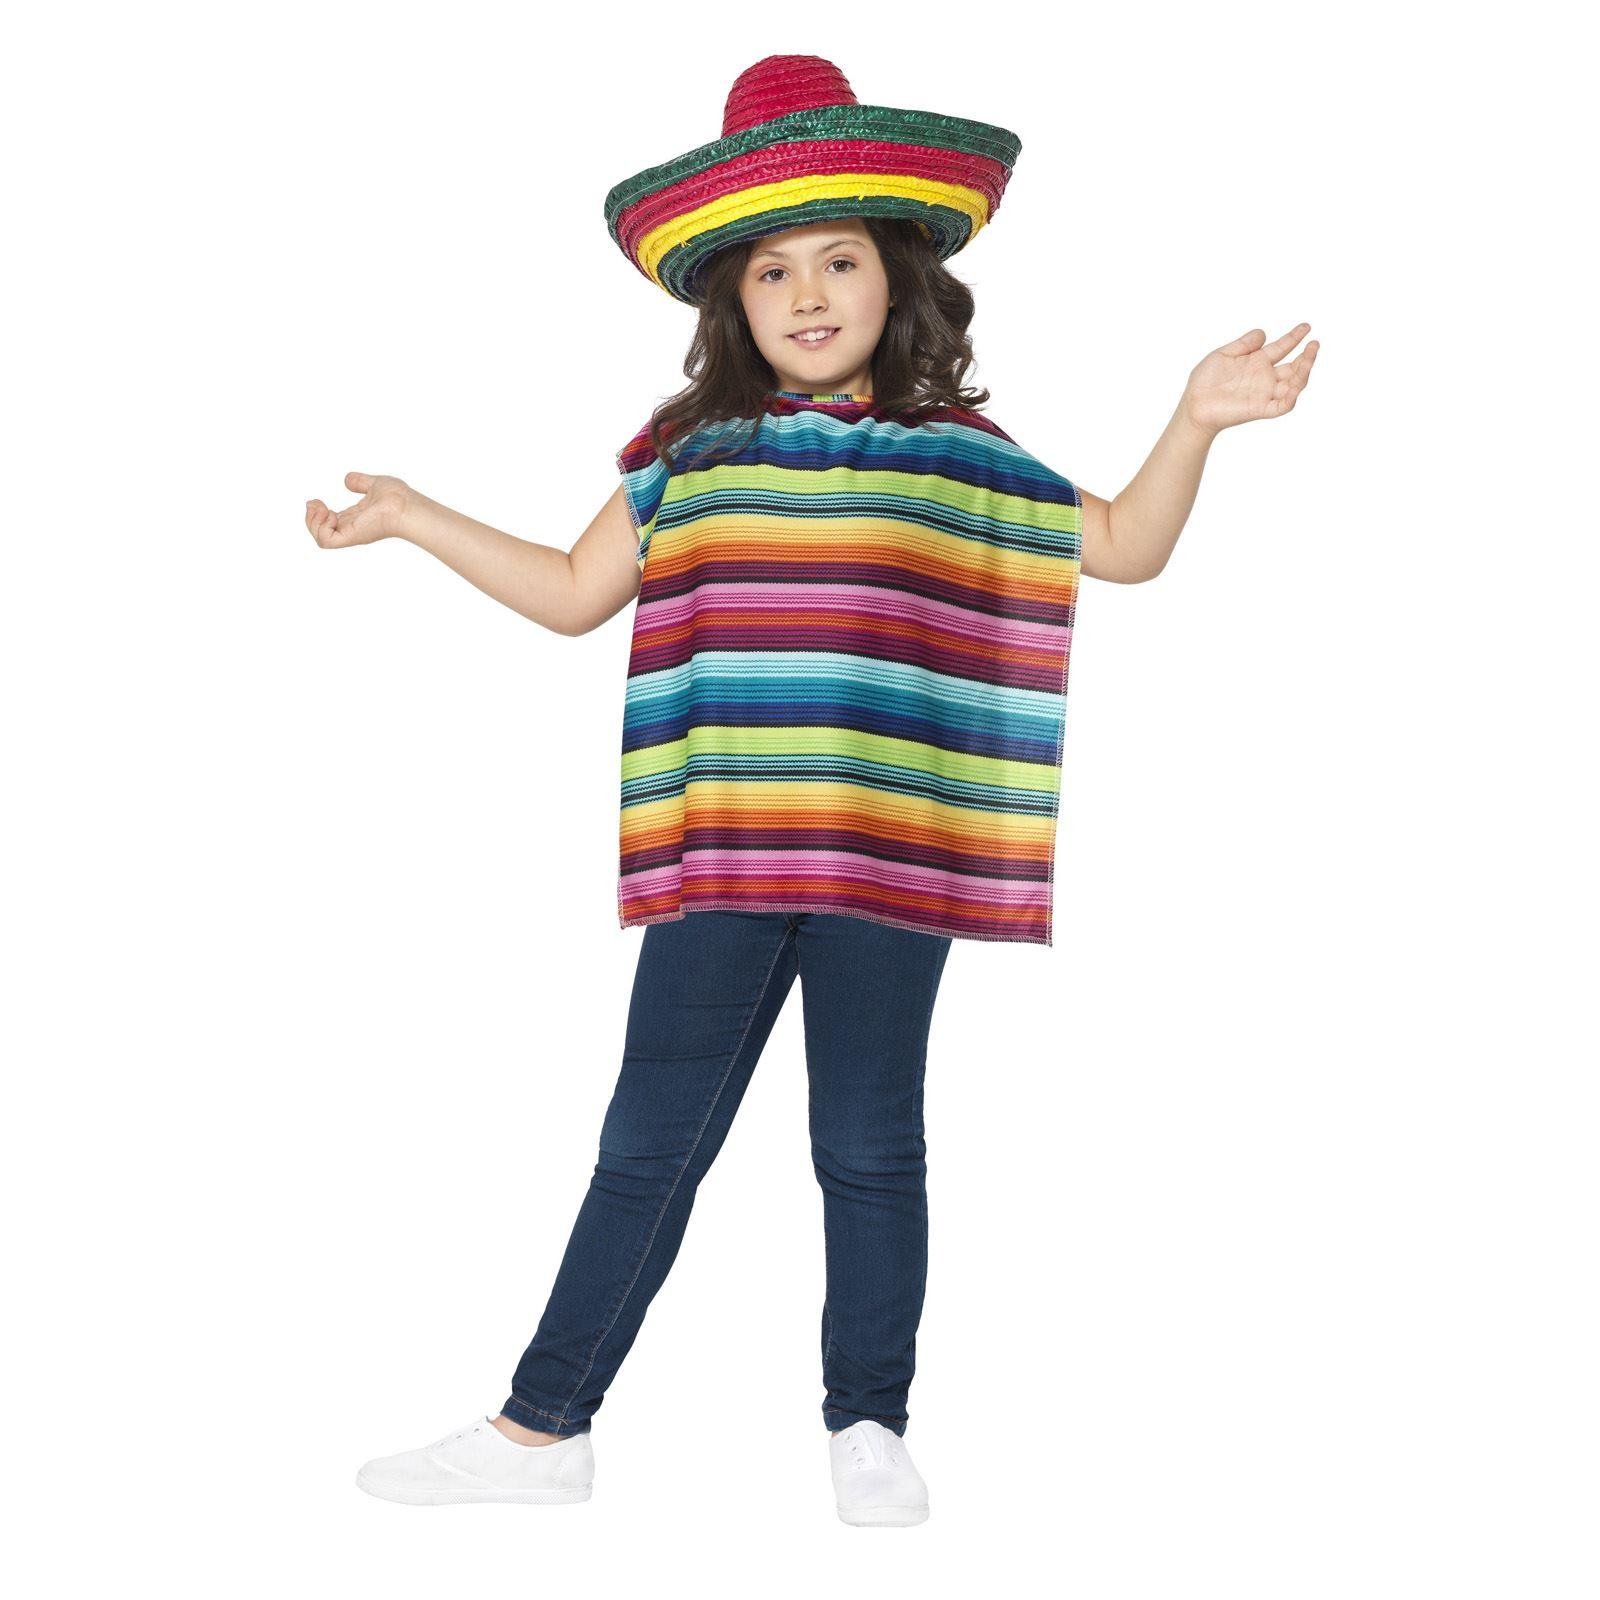 Enfants roald dahl /'chose un//deux chat dans chapeau costume déguisement semaine du livre unisexe